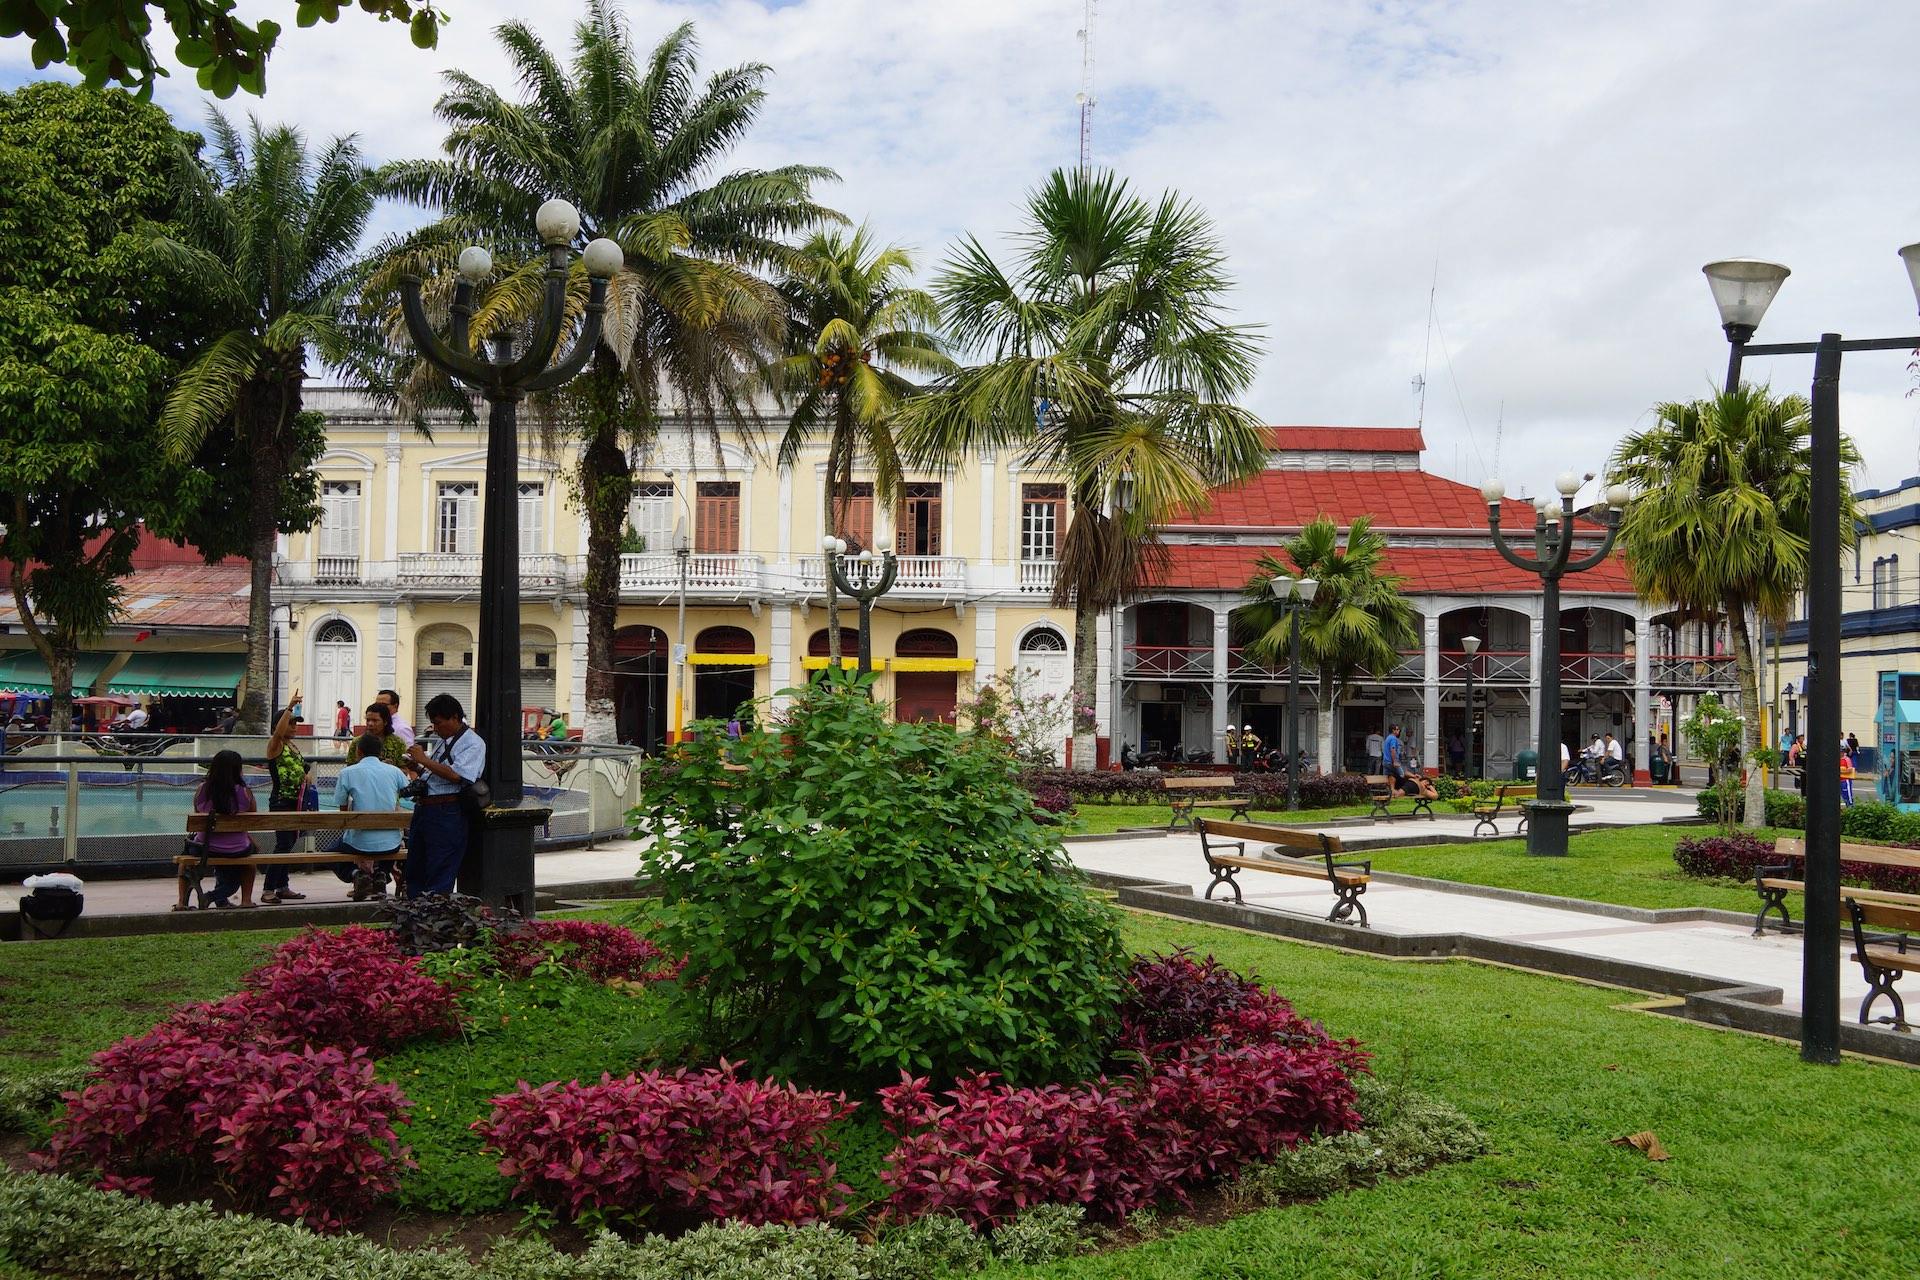 Iquitos-Plaza_de_Armas-1.jpg